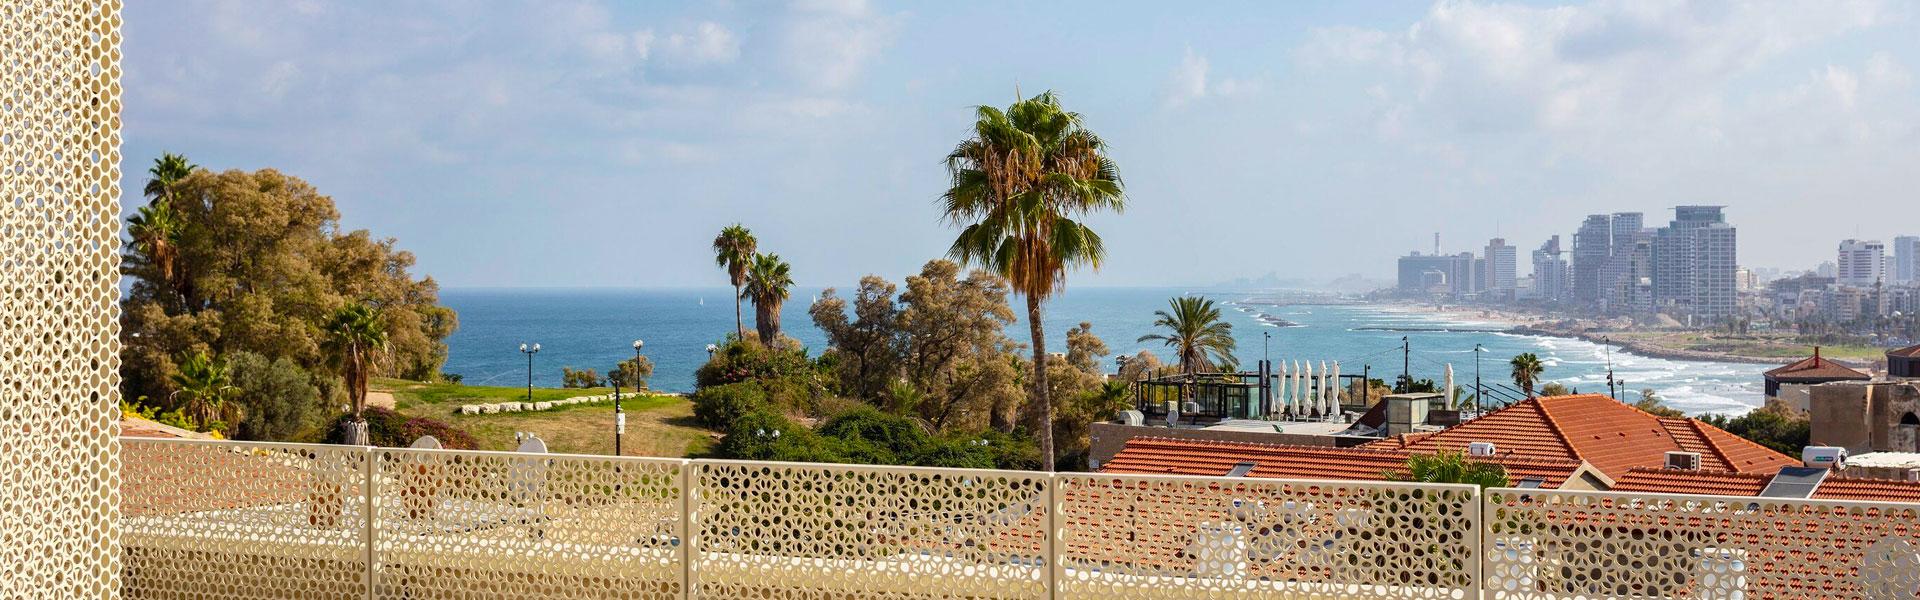 Séjour à l'hôtel The Jaffa, à Jaffa